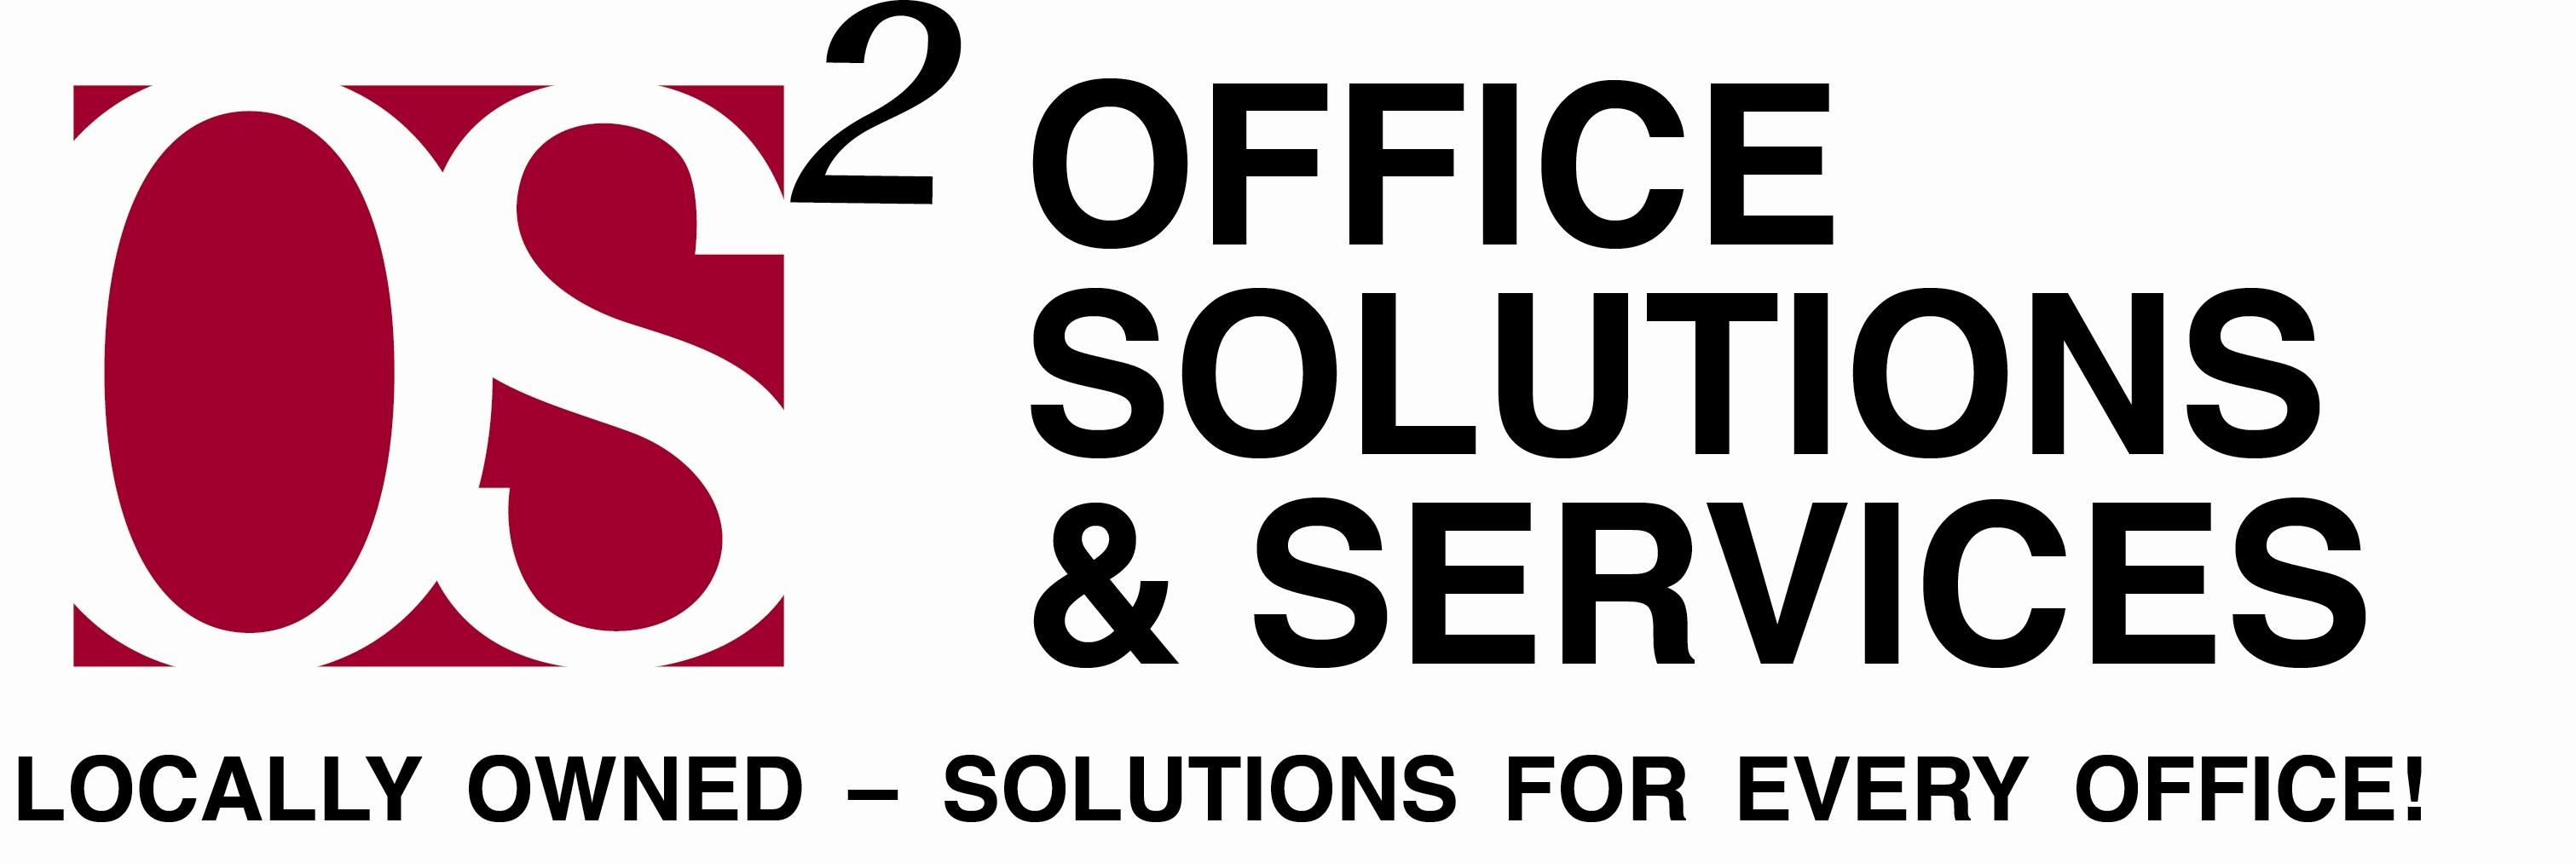 OS2 logo old tag no box use 7-1-11.png